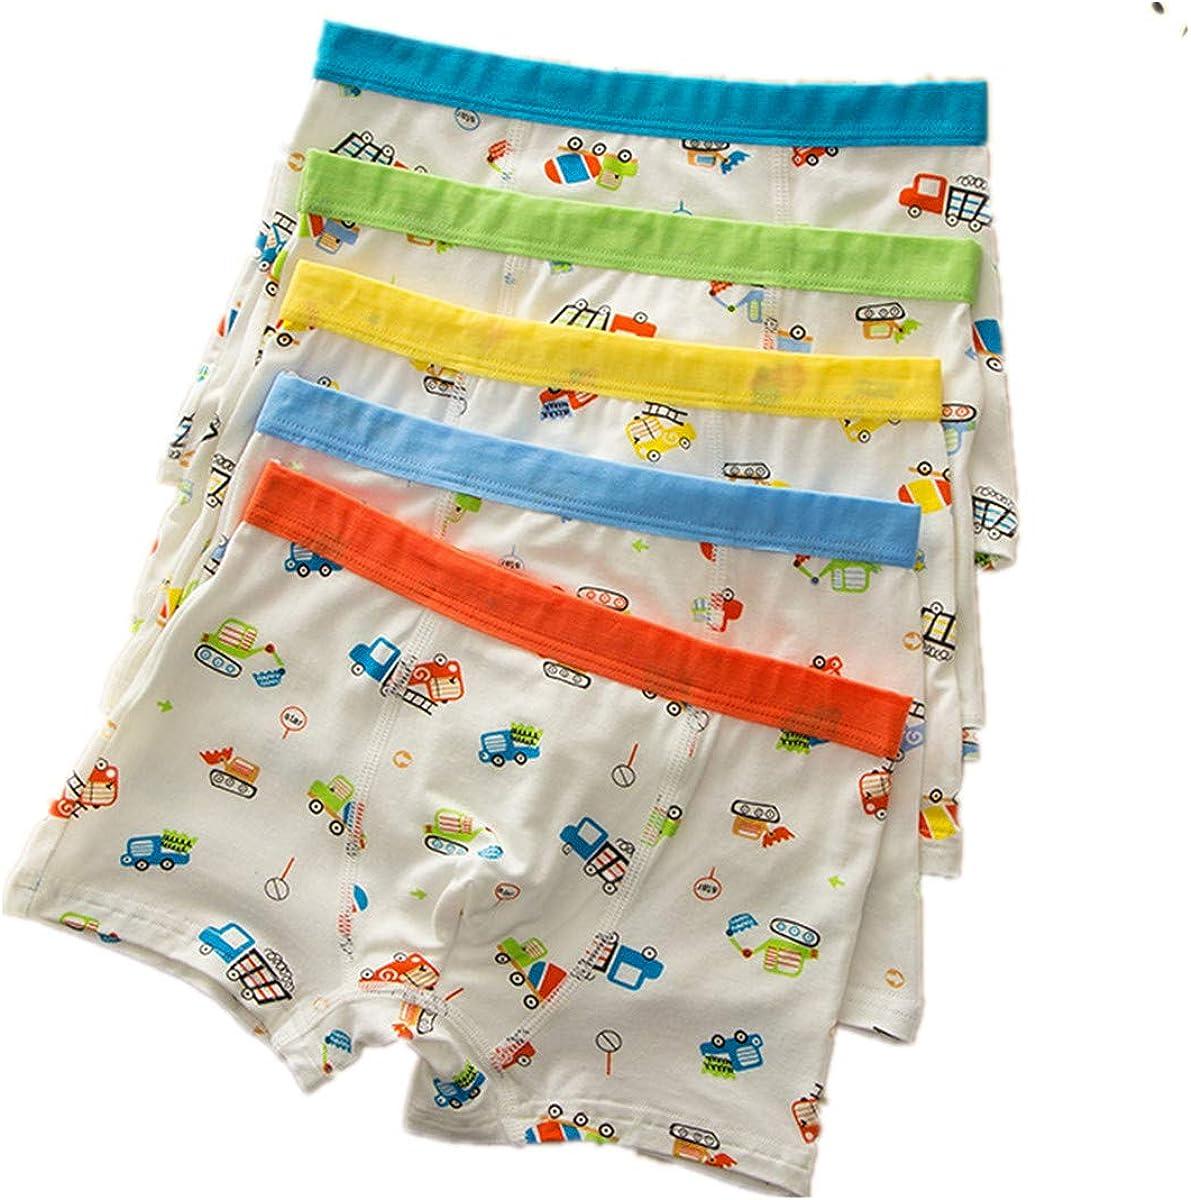 FOFJR 1-10 Years Cotton Underwear Boys Toddler Boxer Briefs Underwear Mix Color 5 Pack